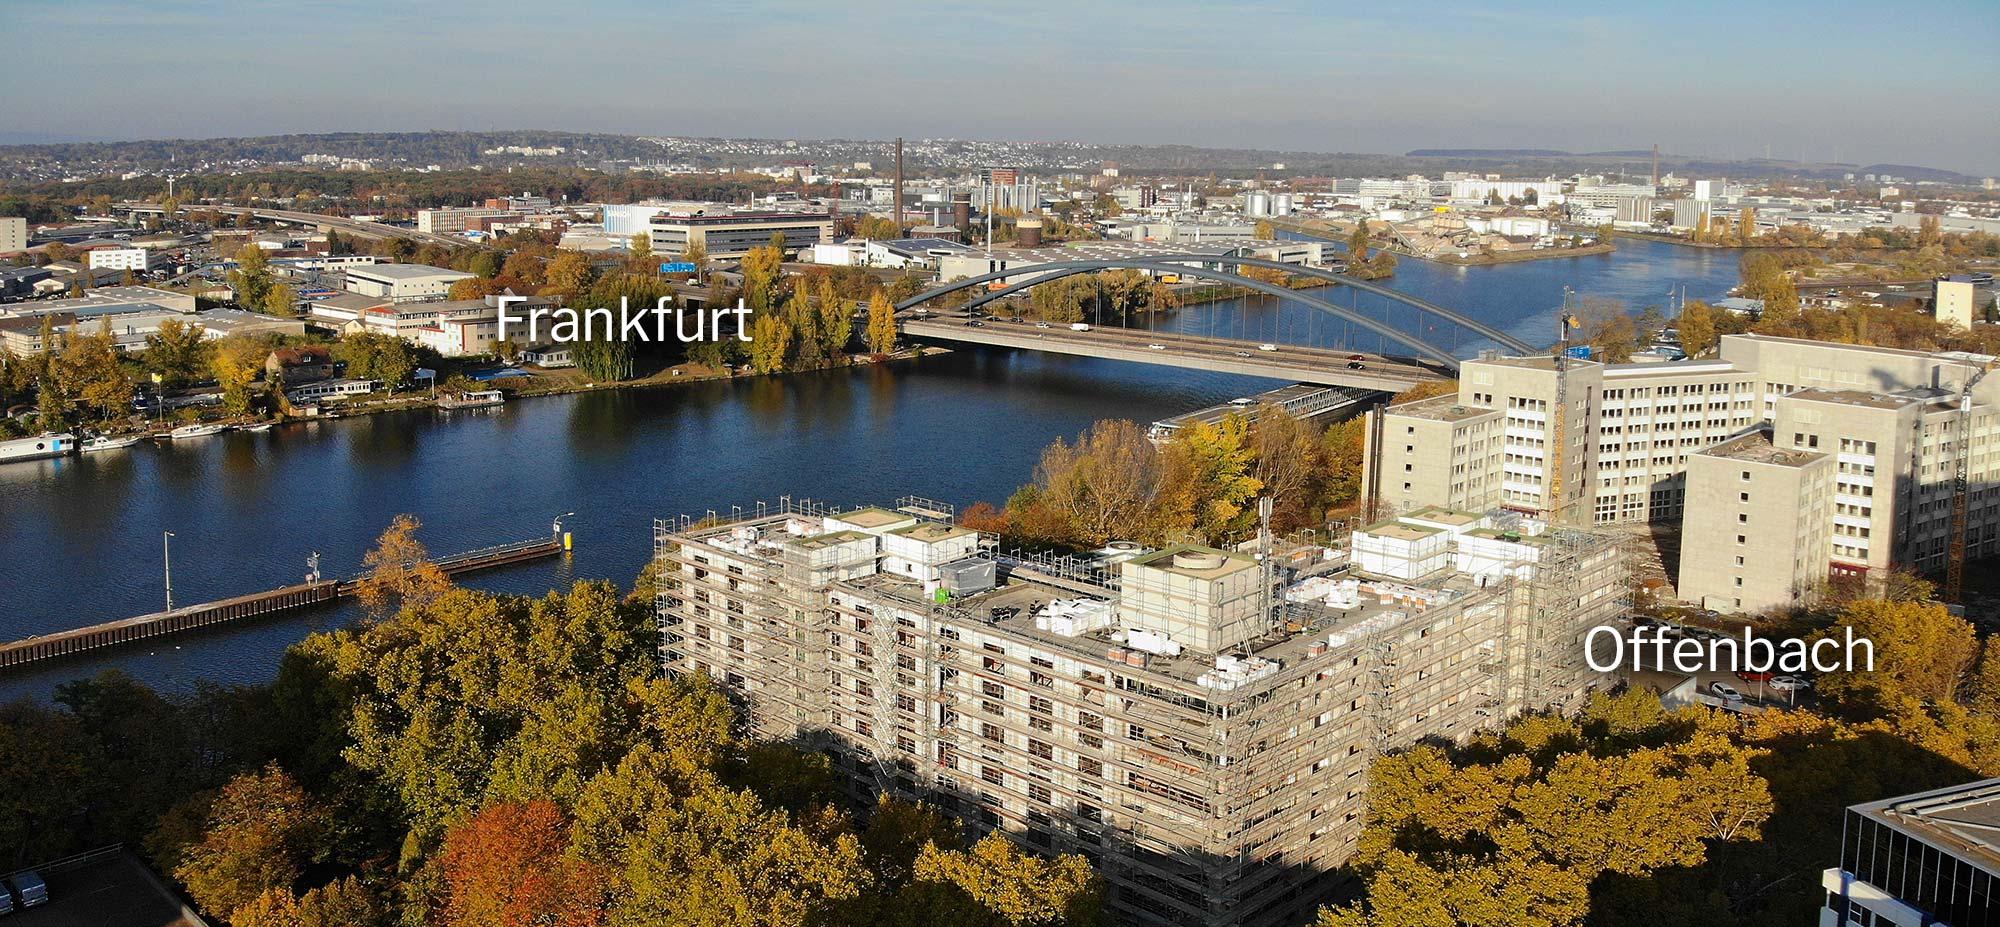 Frankfurt und Offenbach liegen beide direkt gegenüber am Mainufer - Kaiserleigebiet und Kaiserleibrücke